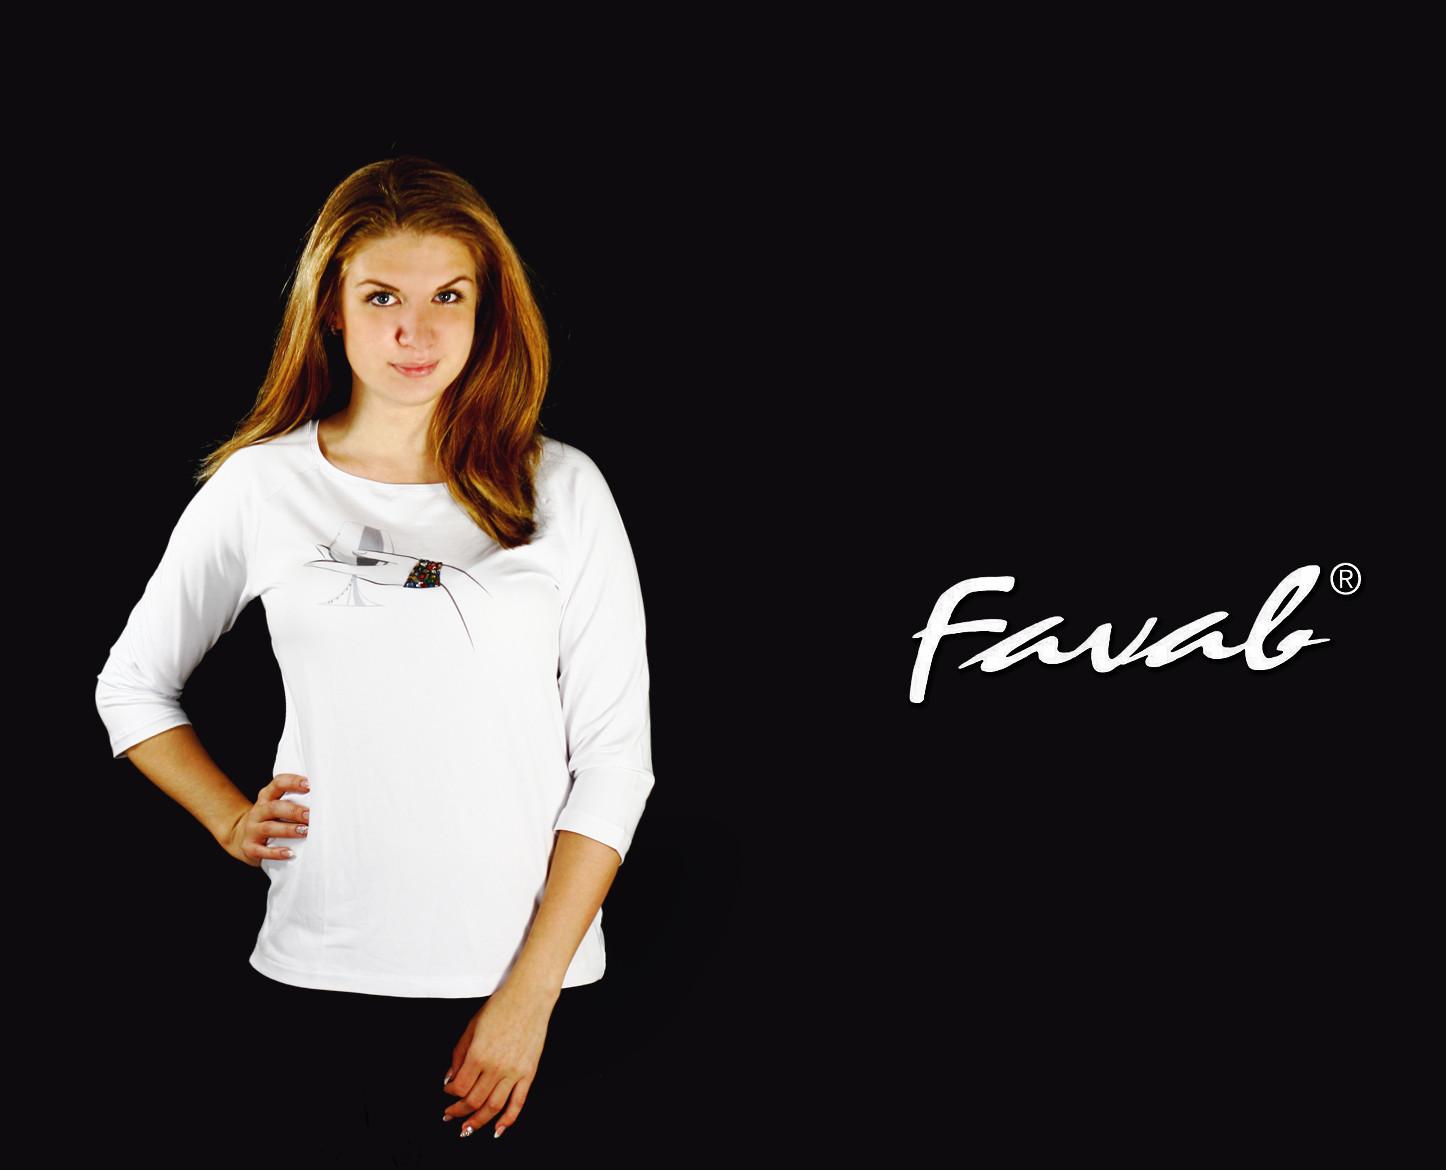 Dámské triko Alenka - Favab - Bílá/XL